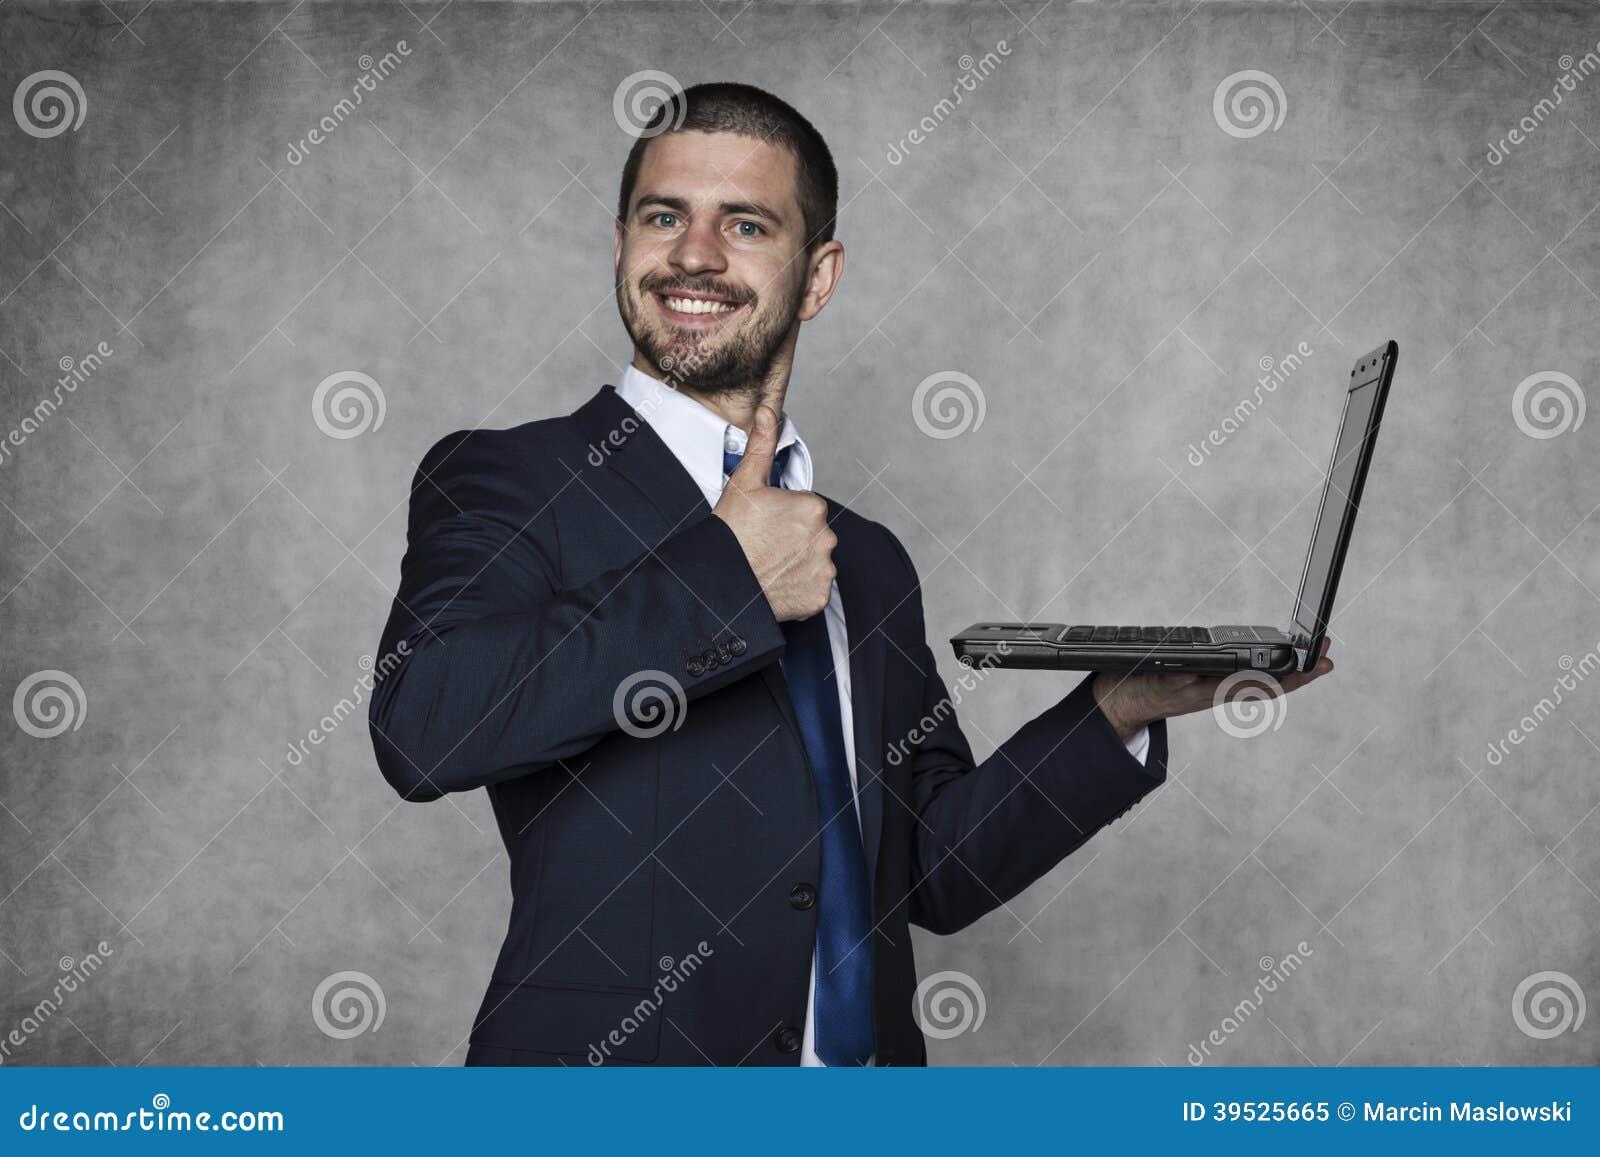 Laptops zijn de toekomst in zaken